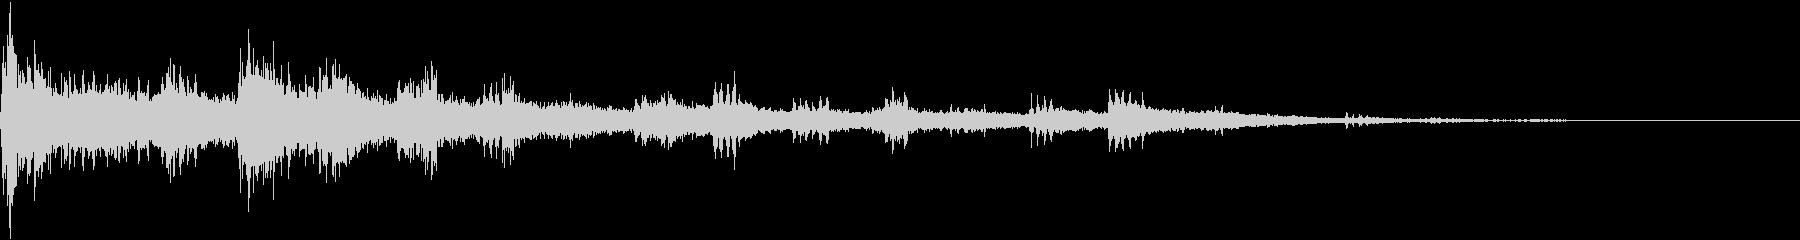 電子音が盛り上げを強調していくの未再生の波形